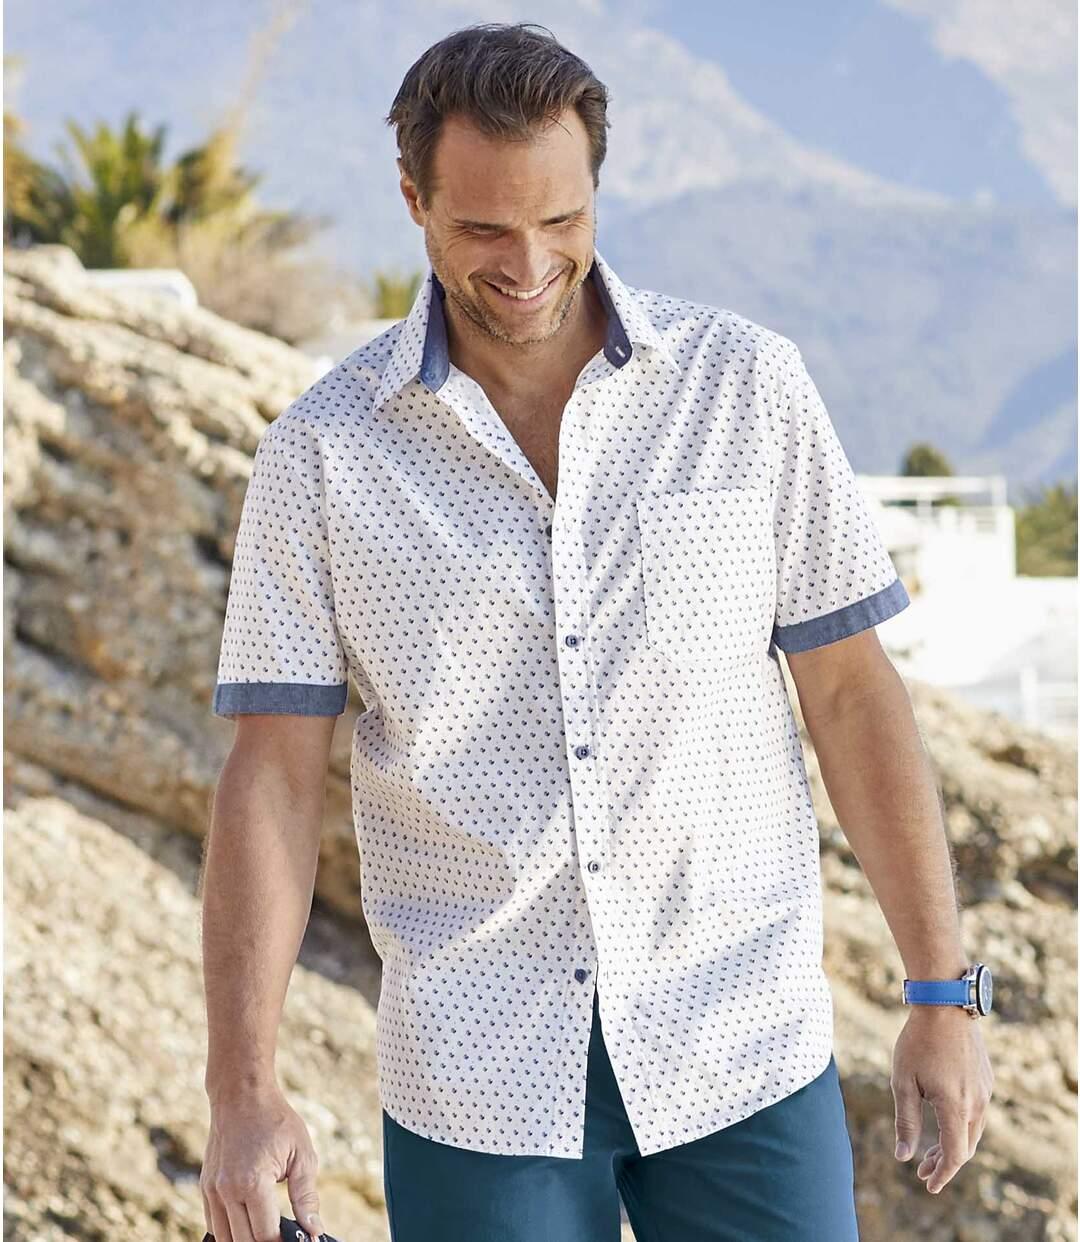 Men's White Patterned Summer Shirt Atlas For Men